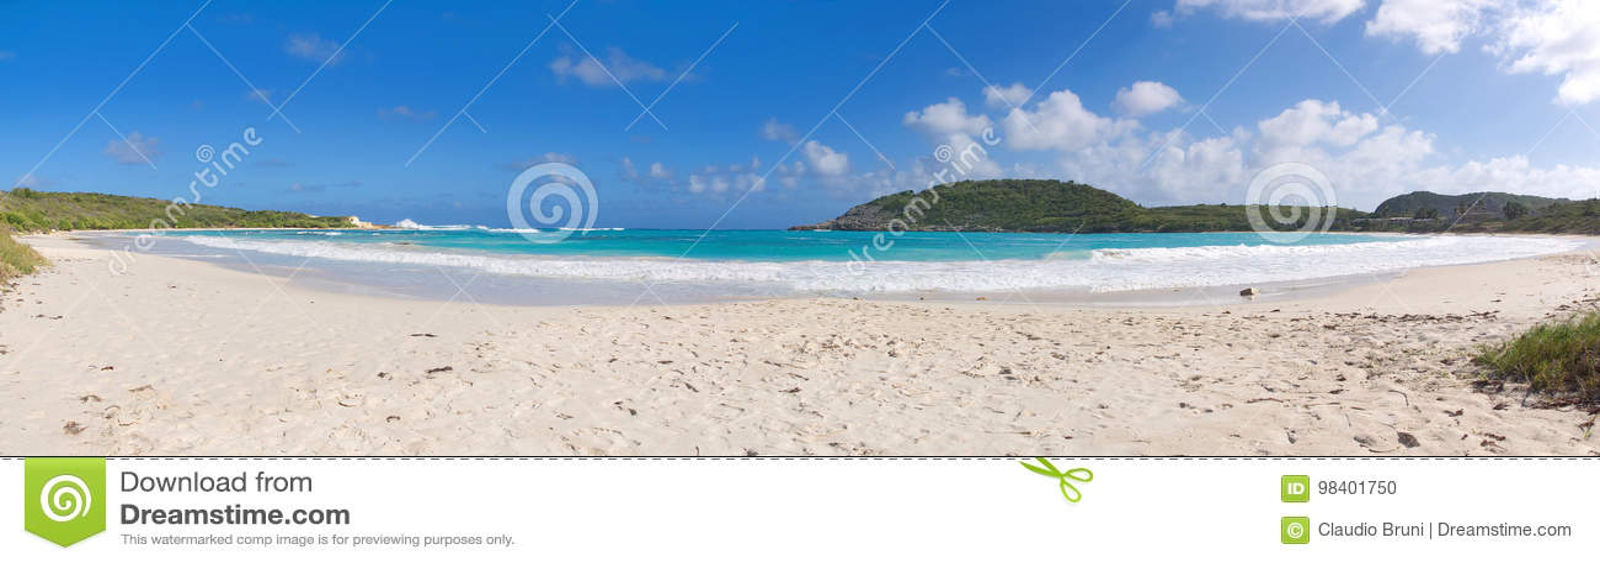 Przyrodniej księżyc zatoki oceanu Atlantycki wybrzeże Antigua i Barbuda - Karaibska tropikalna wyspa -